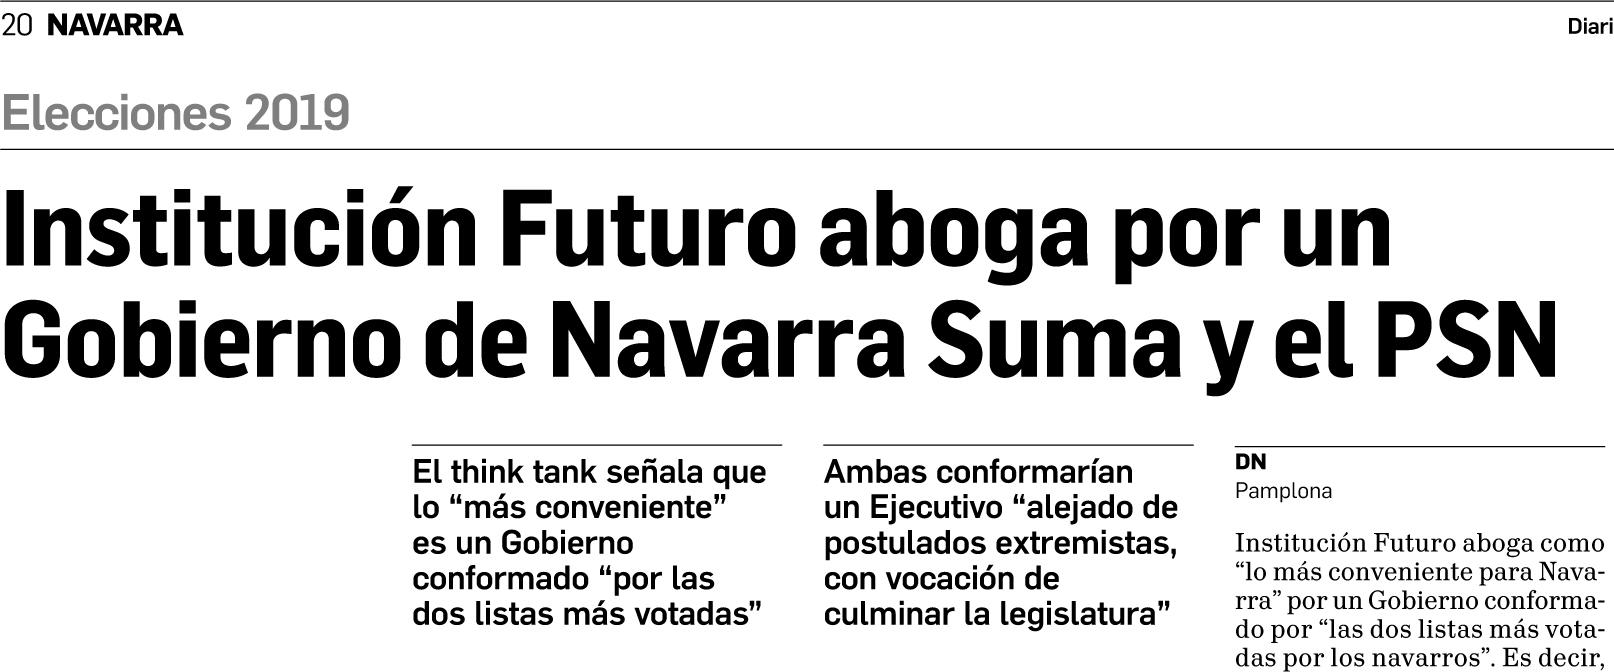 Institución Futuro aboga por un Gobierno de Navarra Suma y el PSN